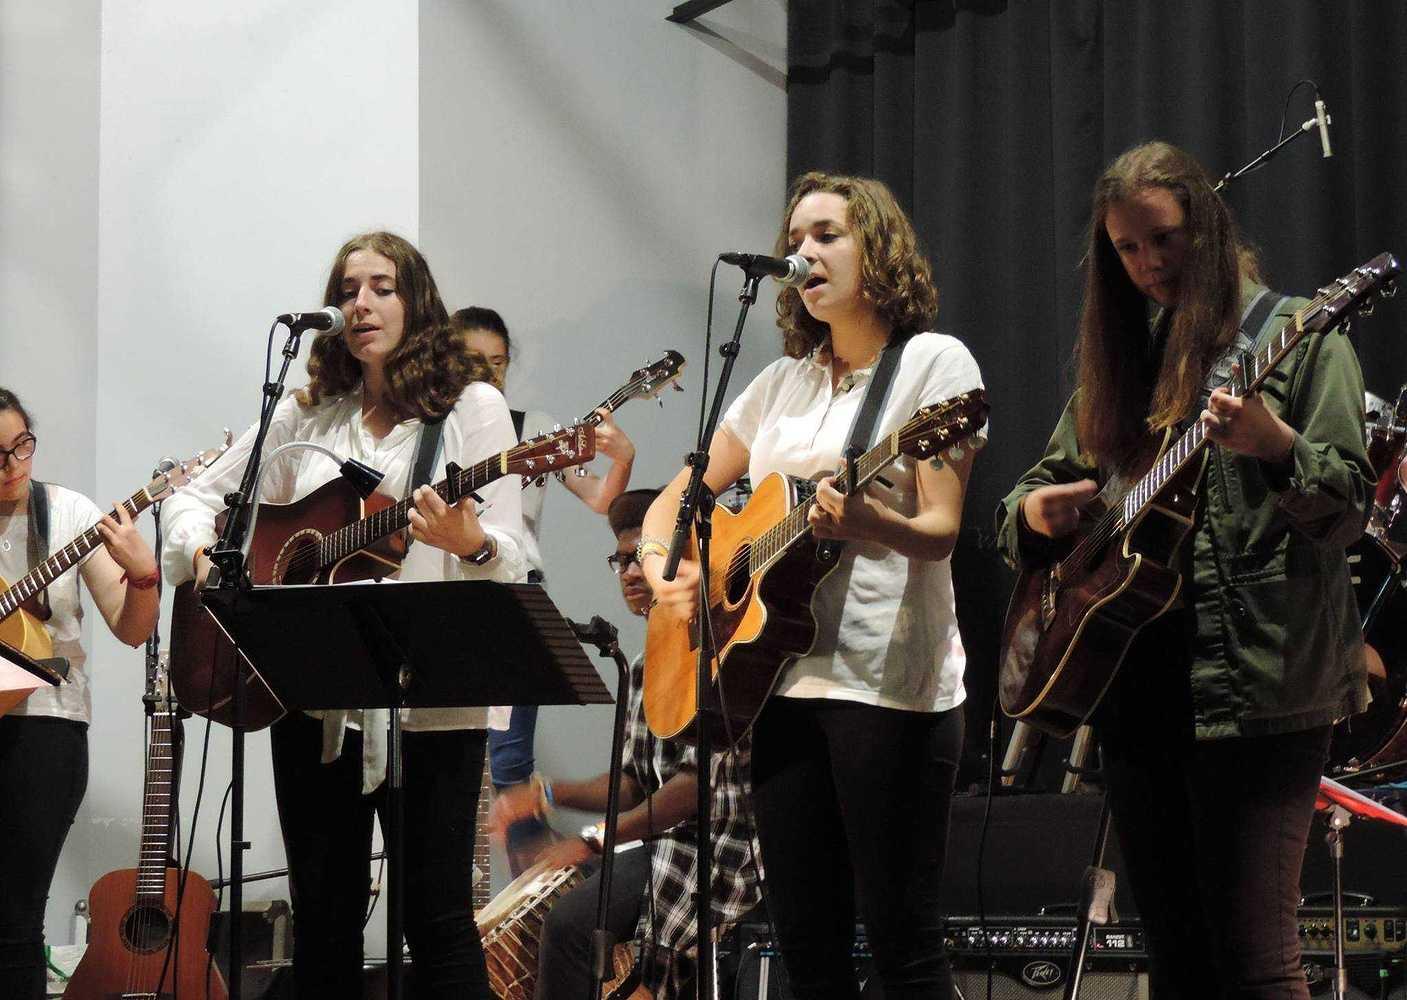 Ecole de Guitare - Concert - 29 juin 2017 - Salle des fêtes 194676415614166209128632784014528718304415o